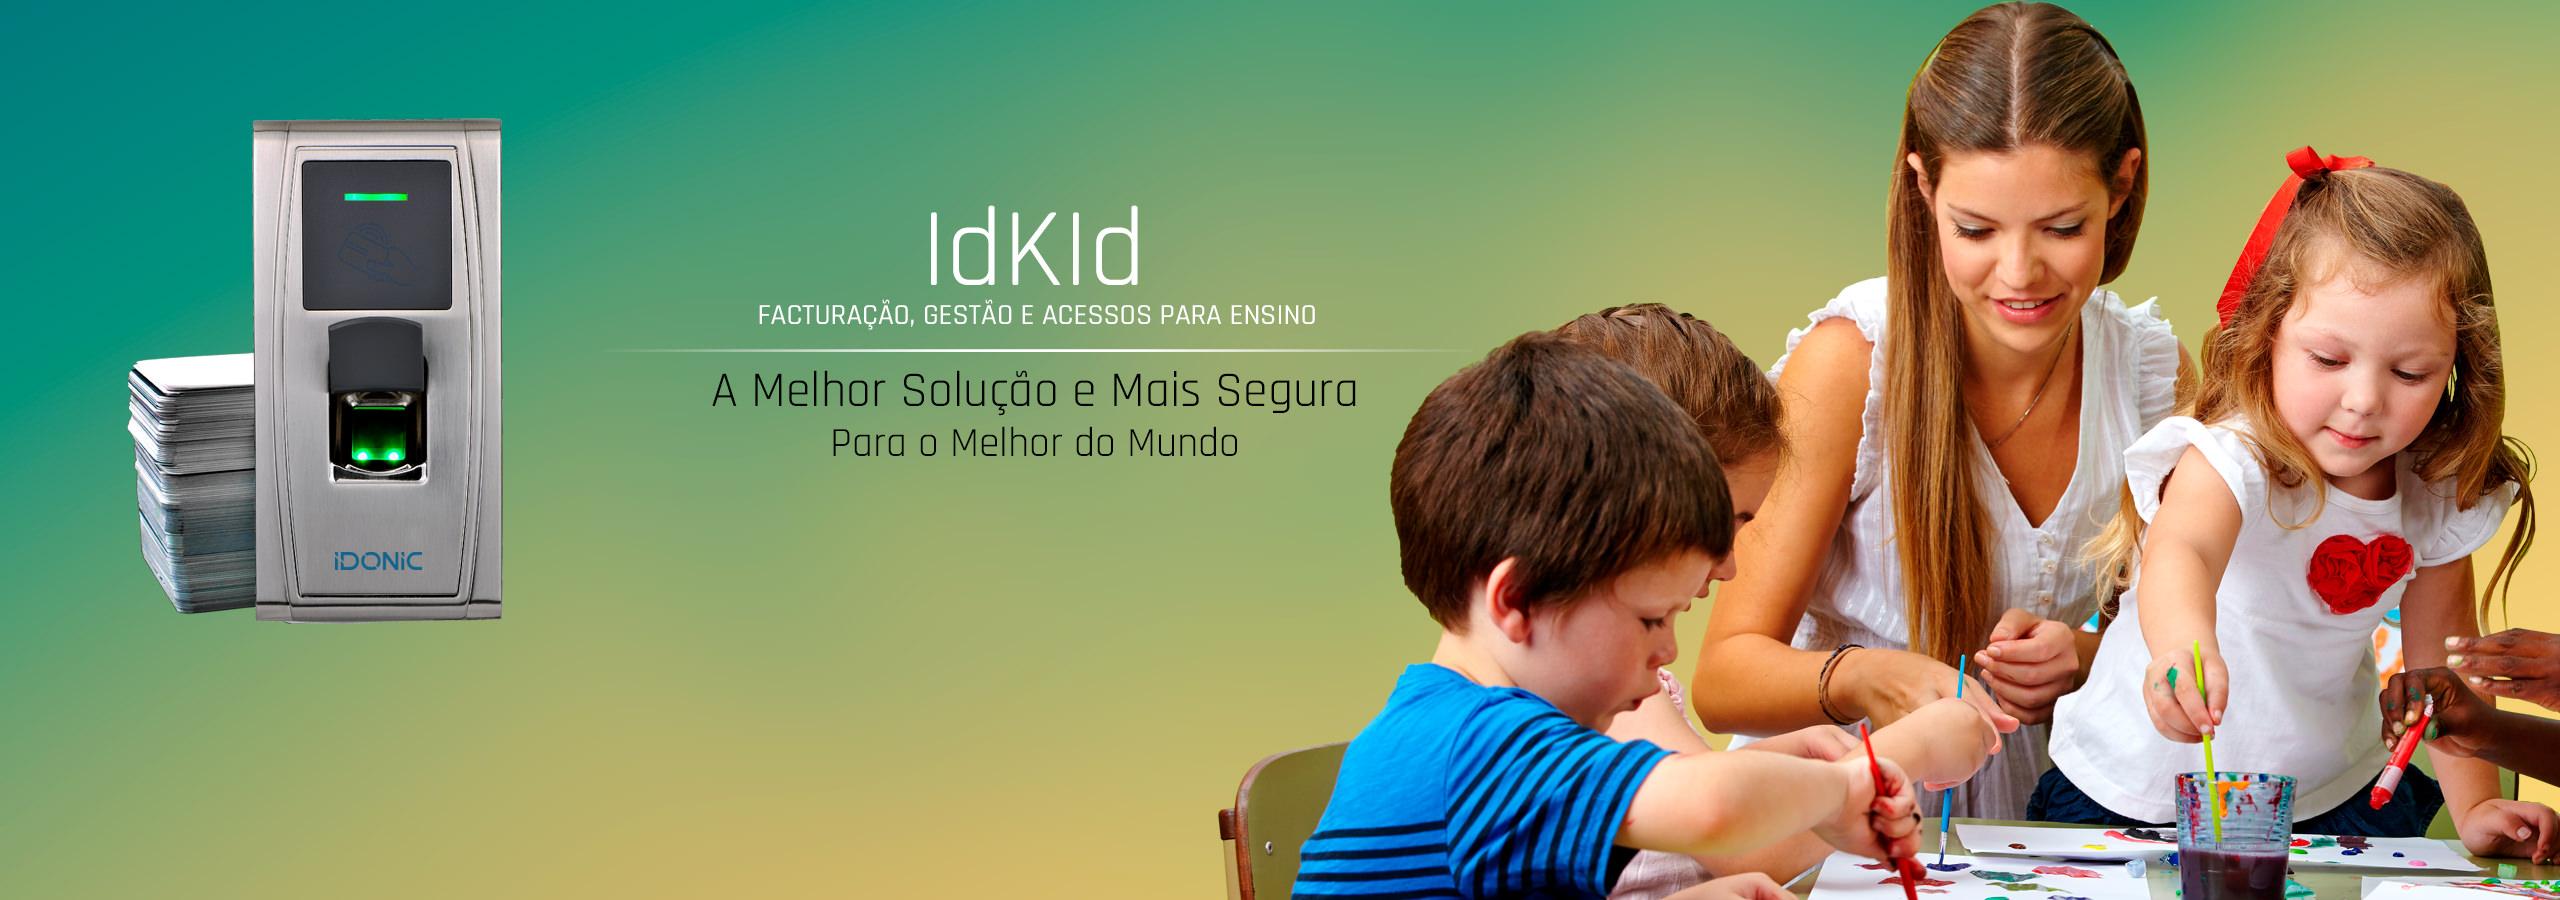 Software de Faturação | Controlo de Acessos | Infantários | Colégios | Creches | ATL | Escolas | Software Idkid | IdKid Access | Gestão de Ensino | Gestão Escolar | IDONIC